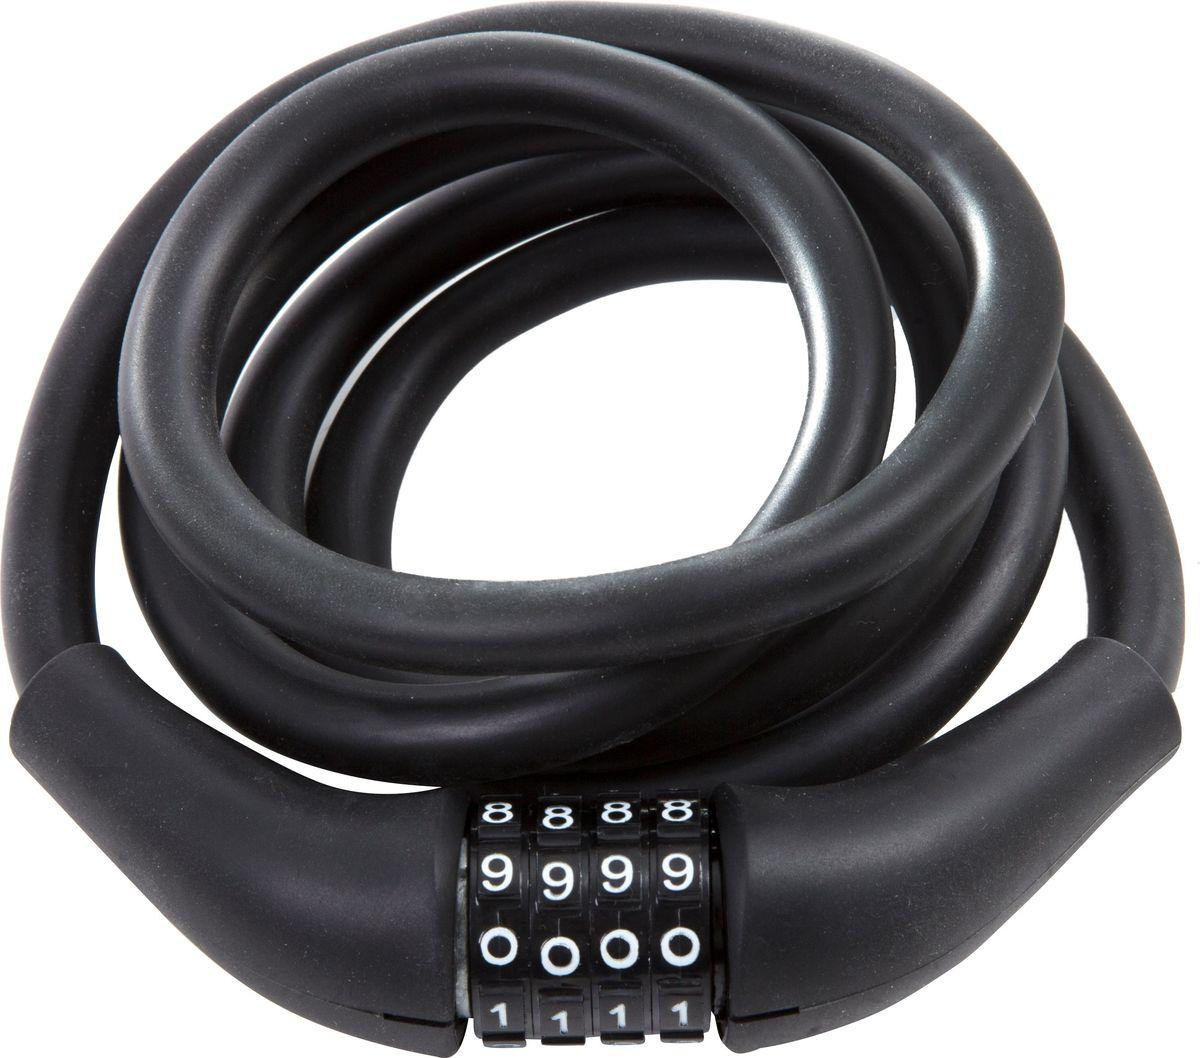 Замок велосипедный STG CLM-866, кодовый, запоминающий форму трос, цвет: черный, 12 мм х 150 см